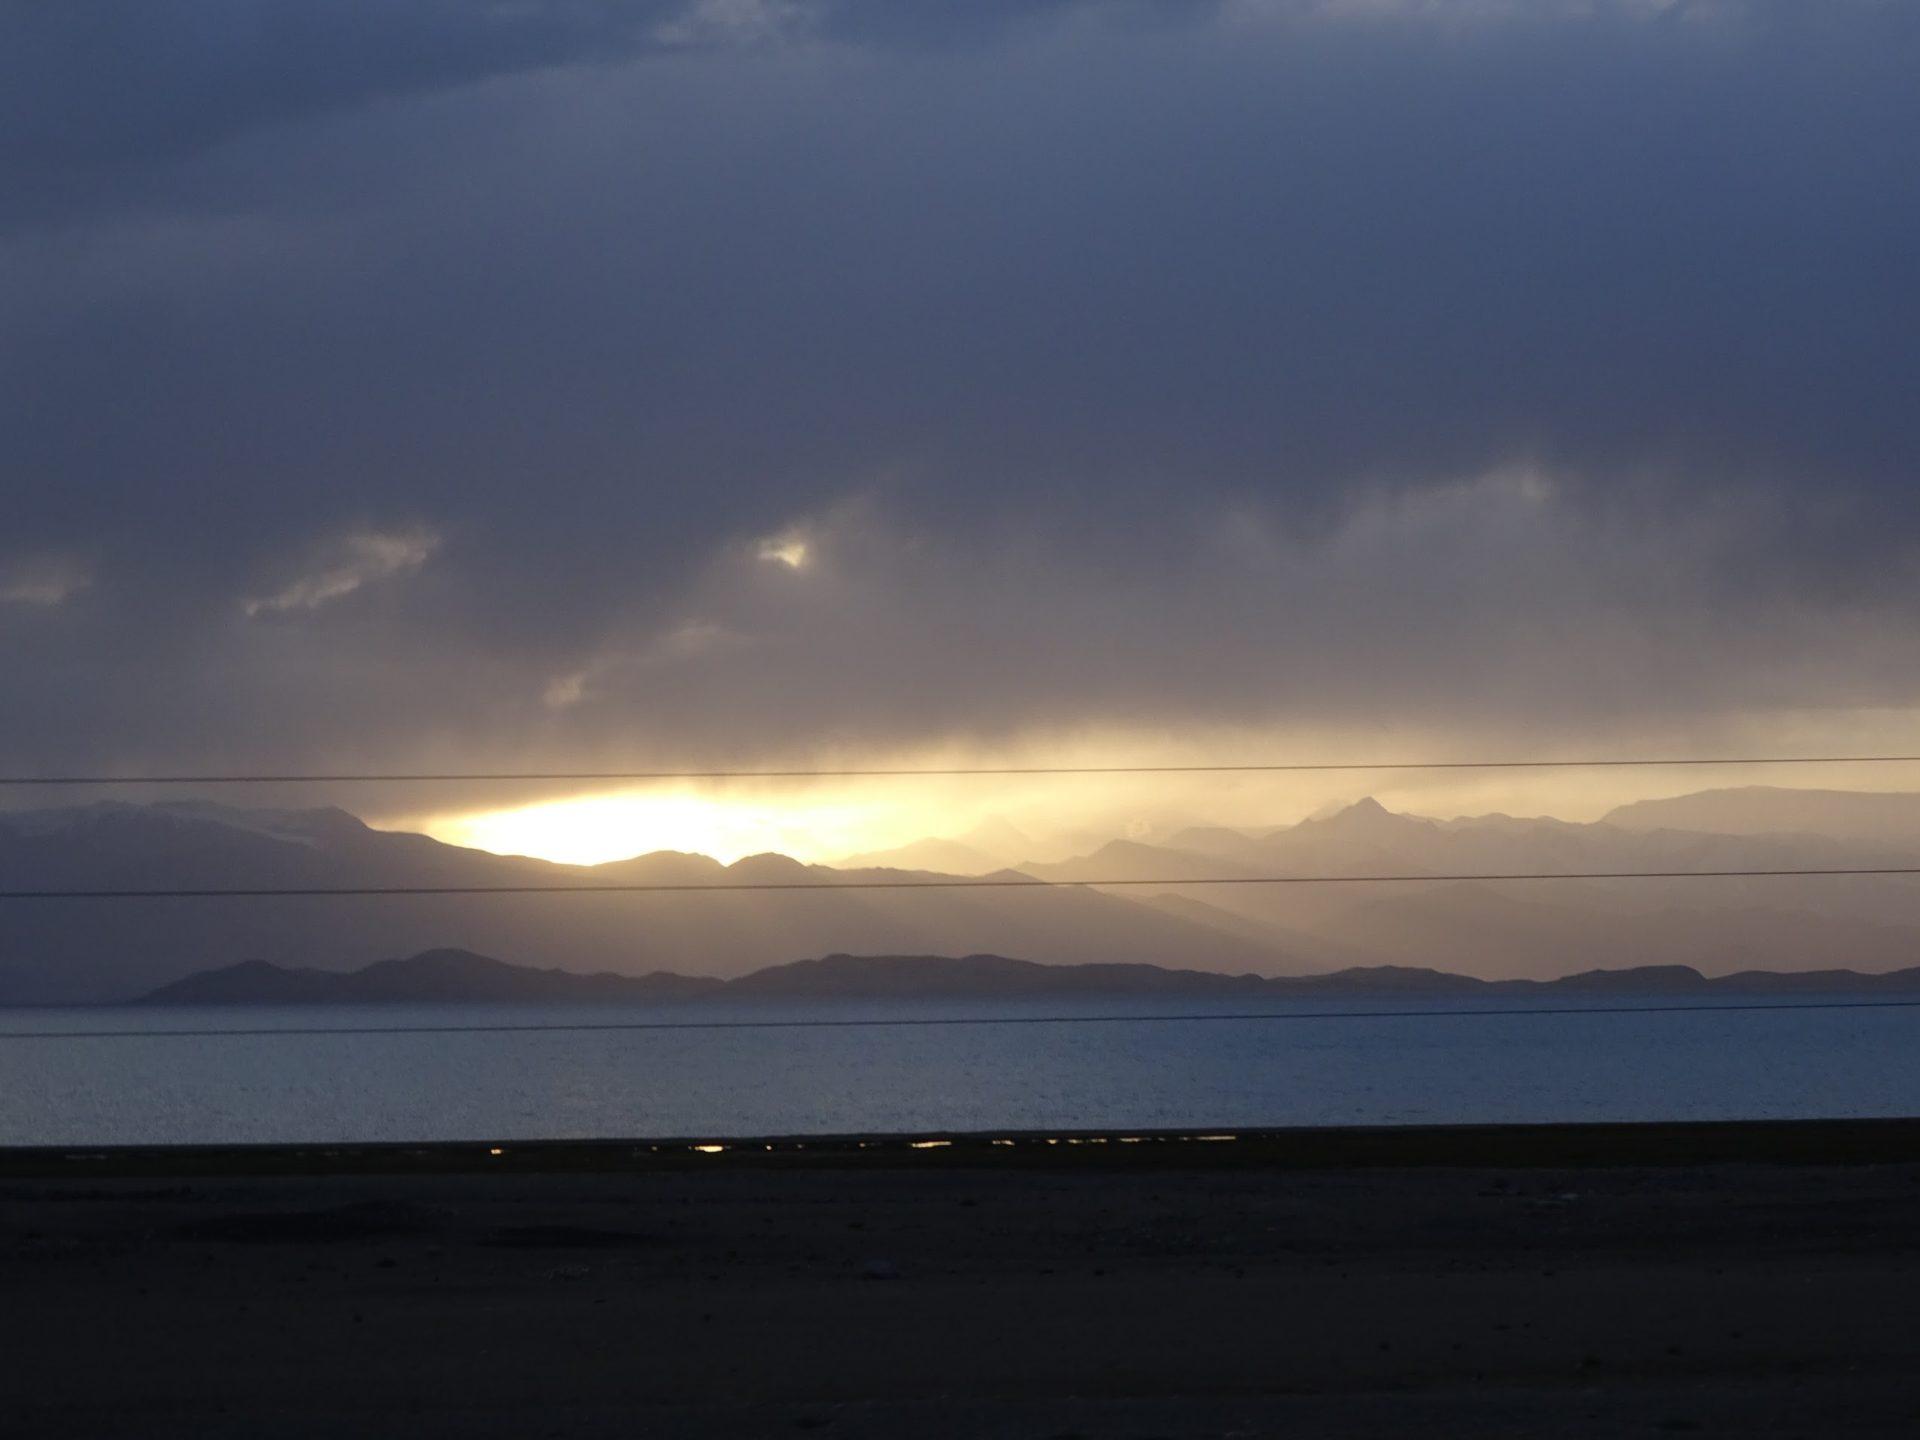 Znad jeziora Kara-kul można dostrzec jeden z najwyższych szczytów Pamiru, Pik Lenina. / Zdjęcie: Sławomir Dzido.